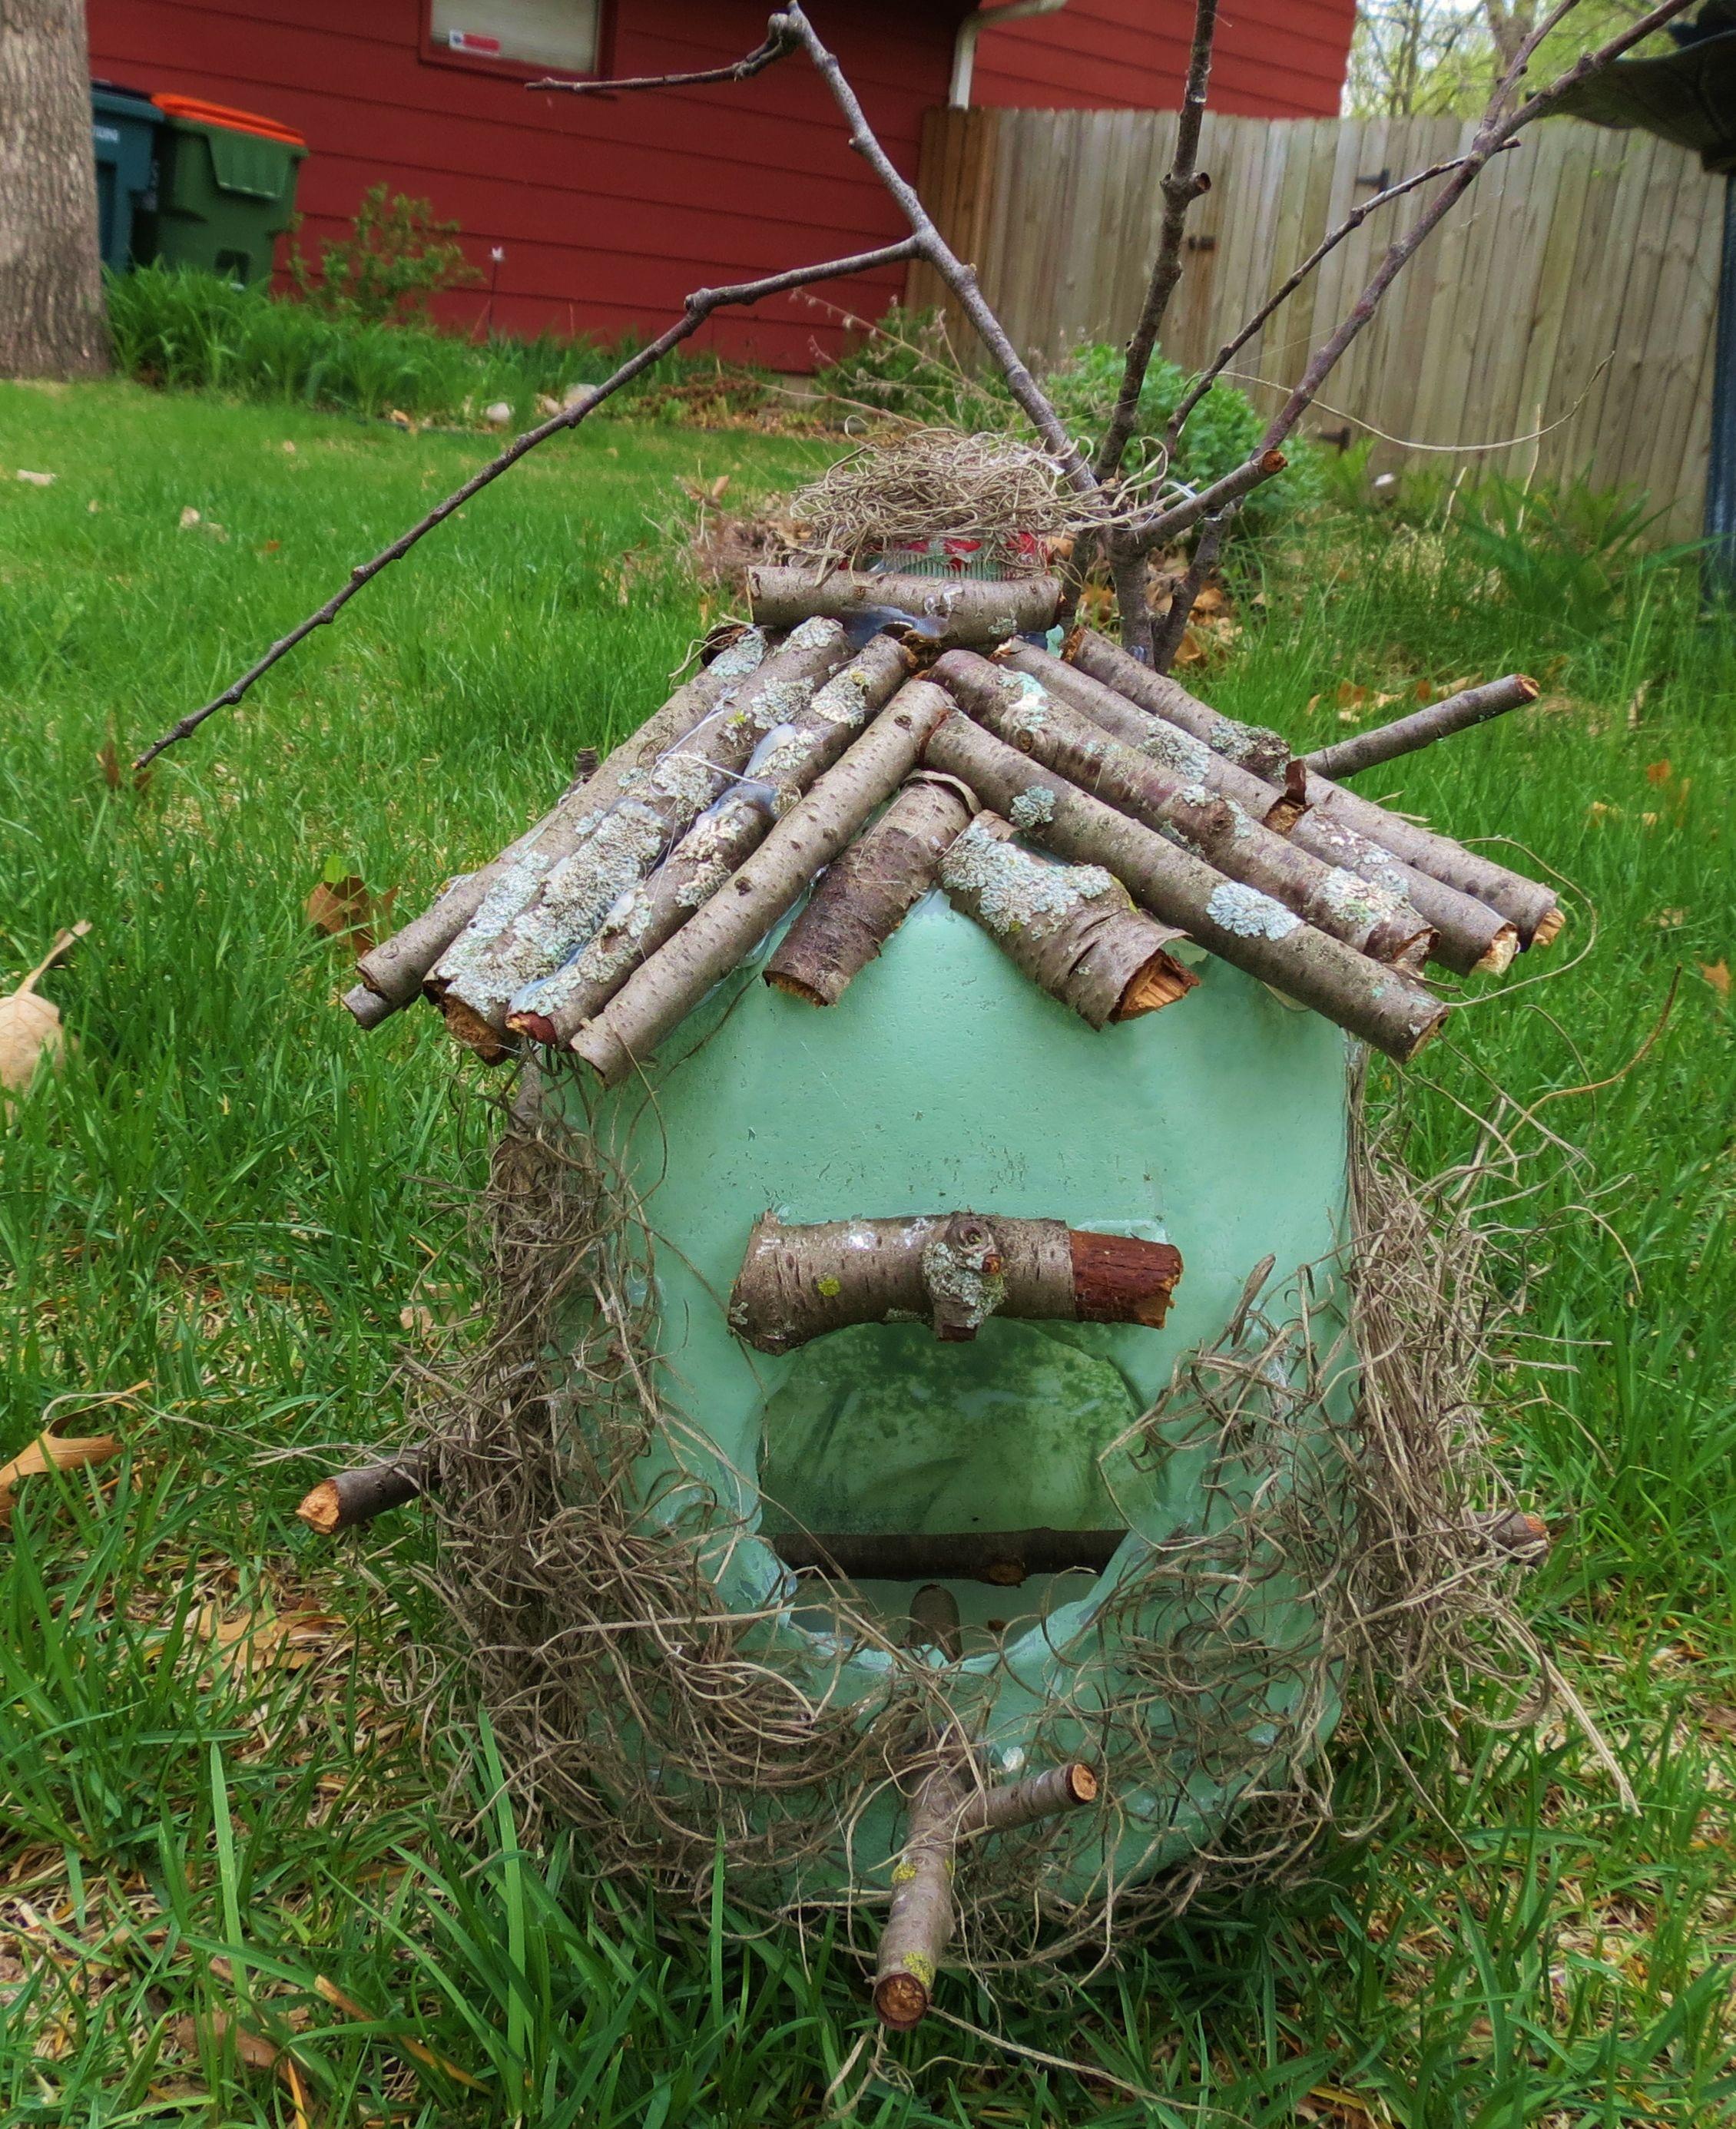 com nectar outdoor amazon pet concentrate garden ounce perky food one feeder gallon dp hummingbird